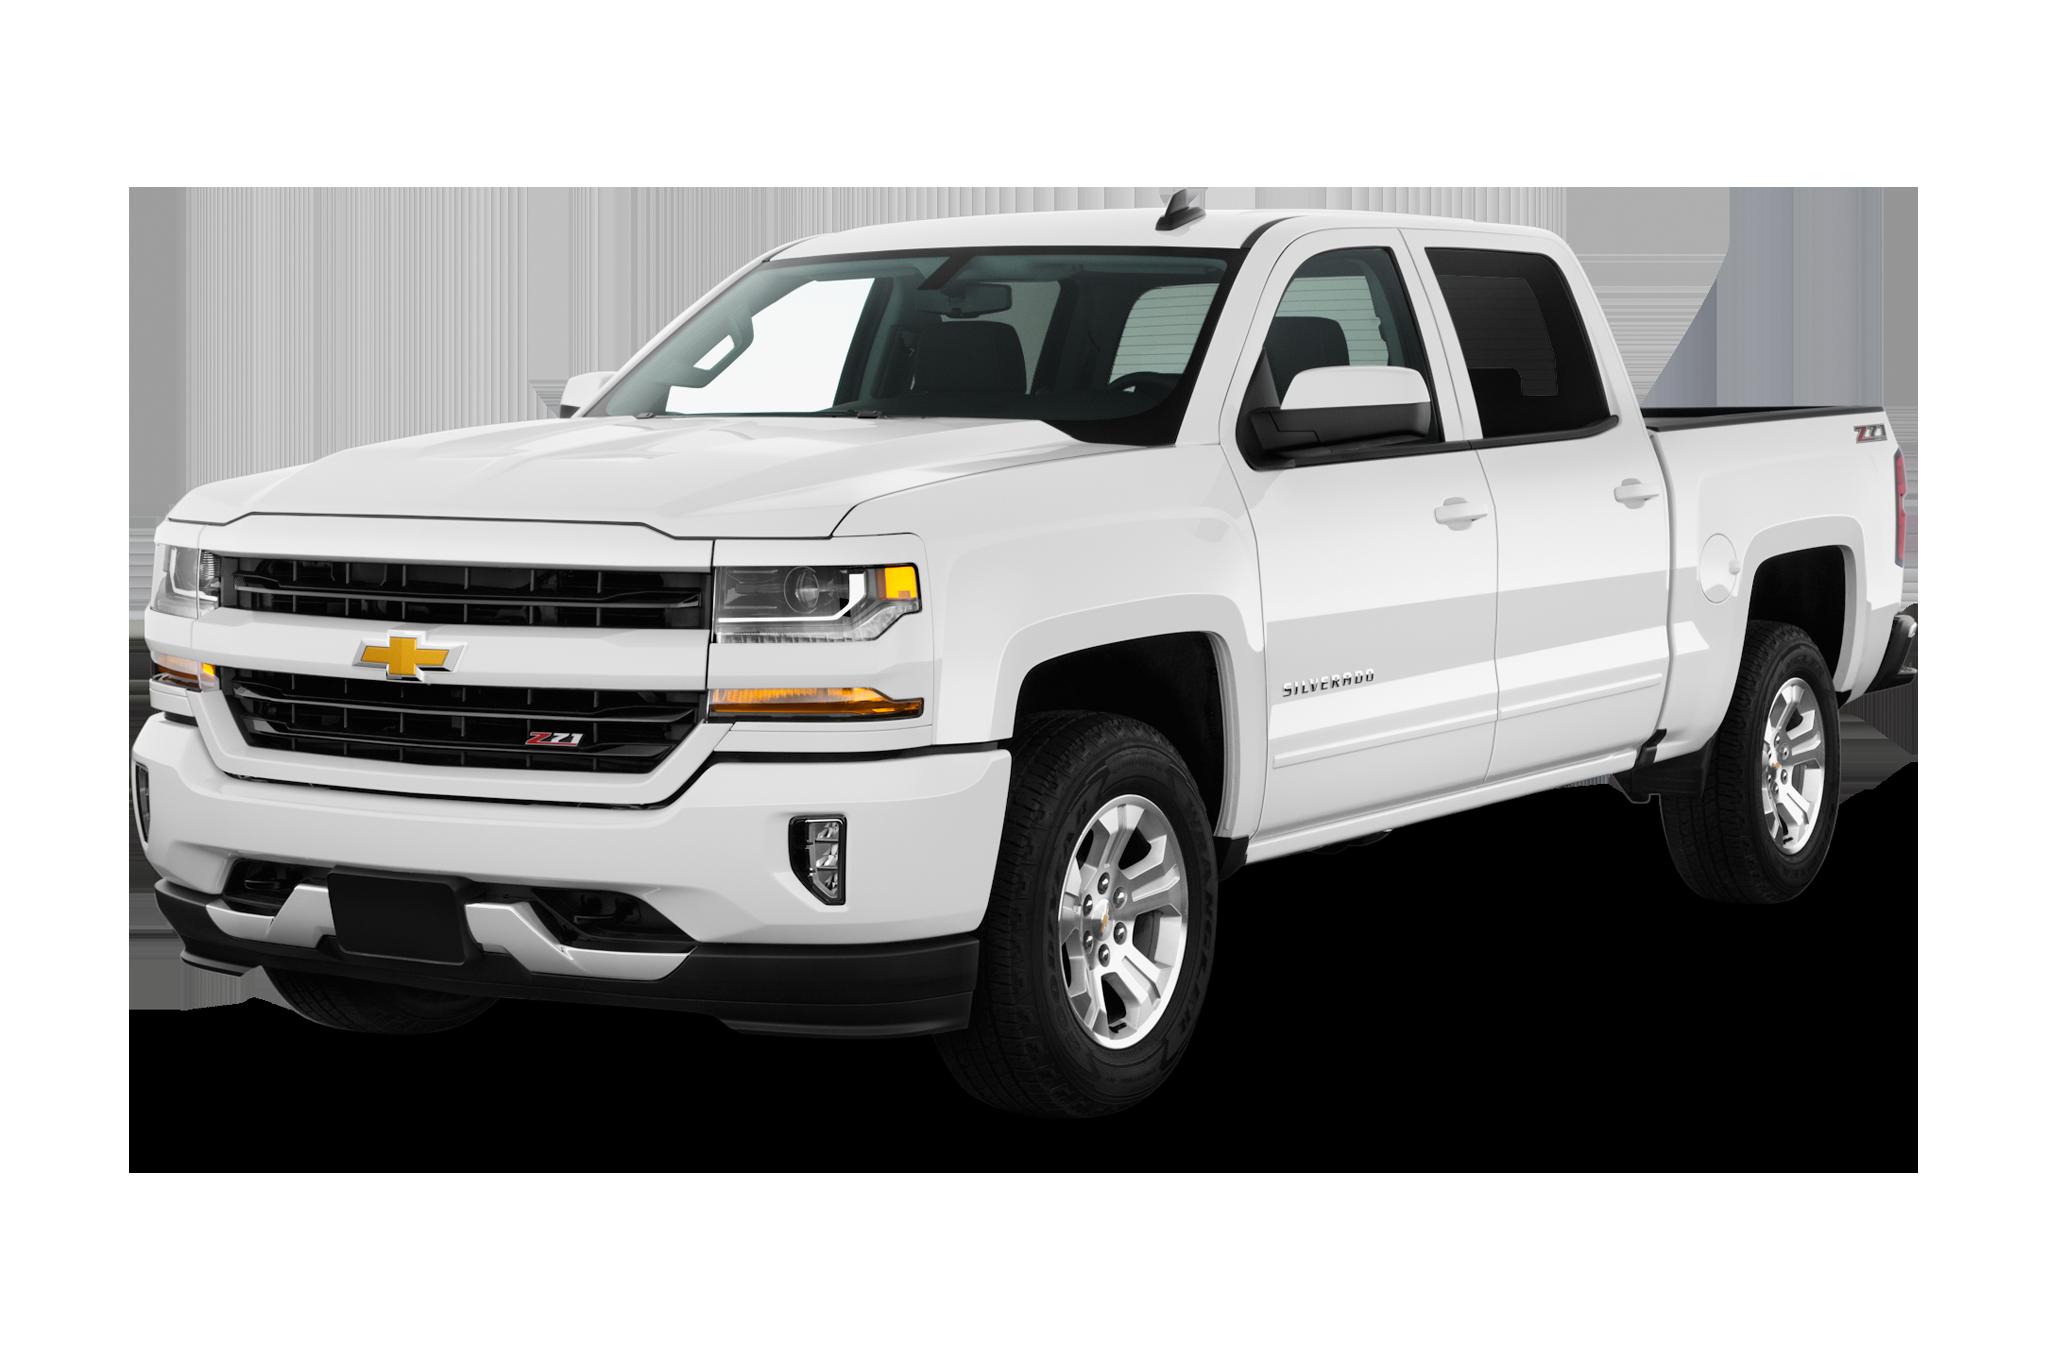 2016 Chevrolet Silverado Rally Edition Debuts in Texas